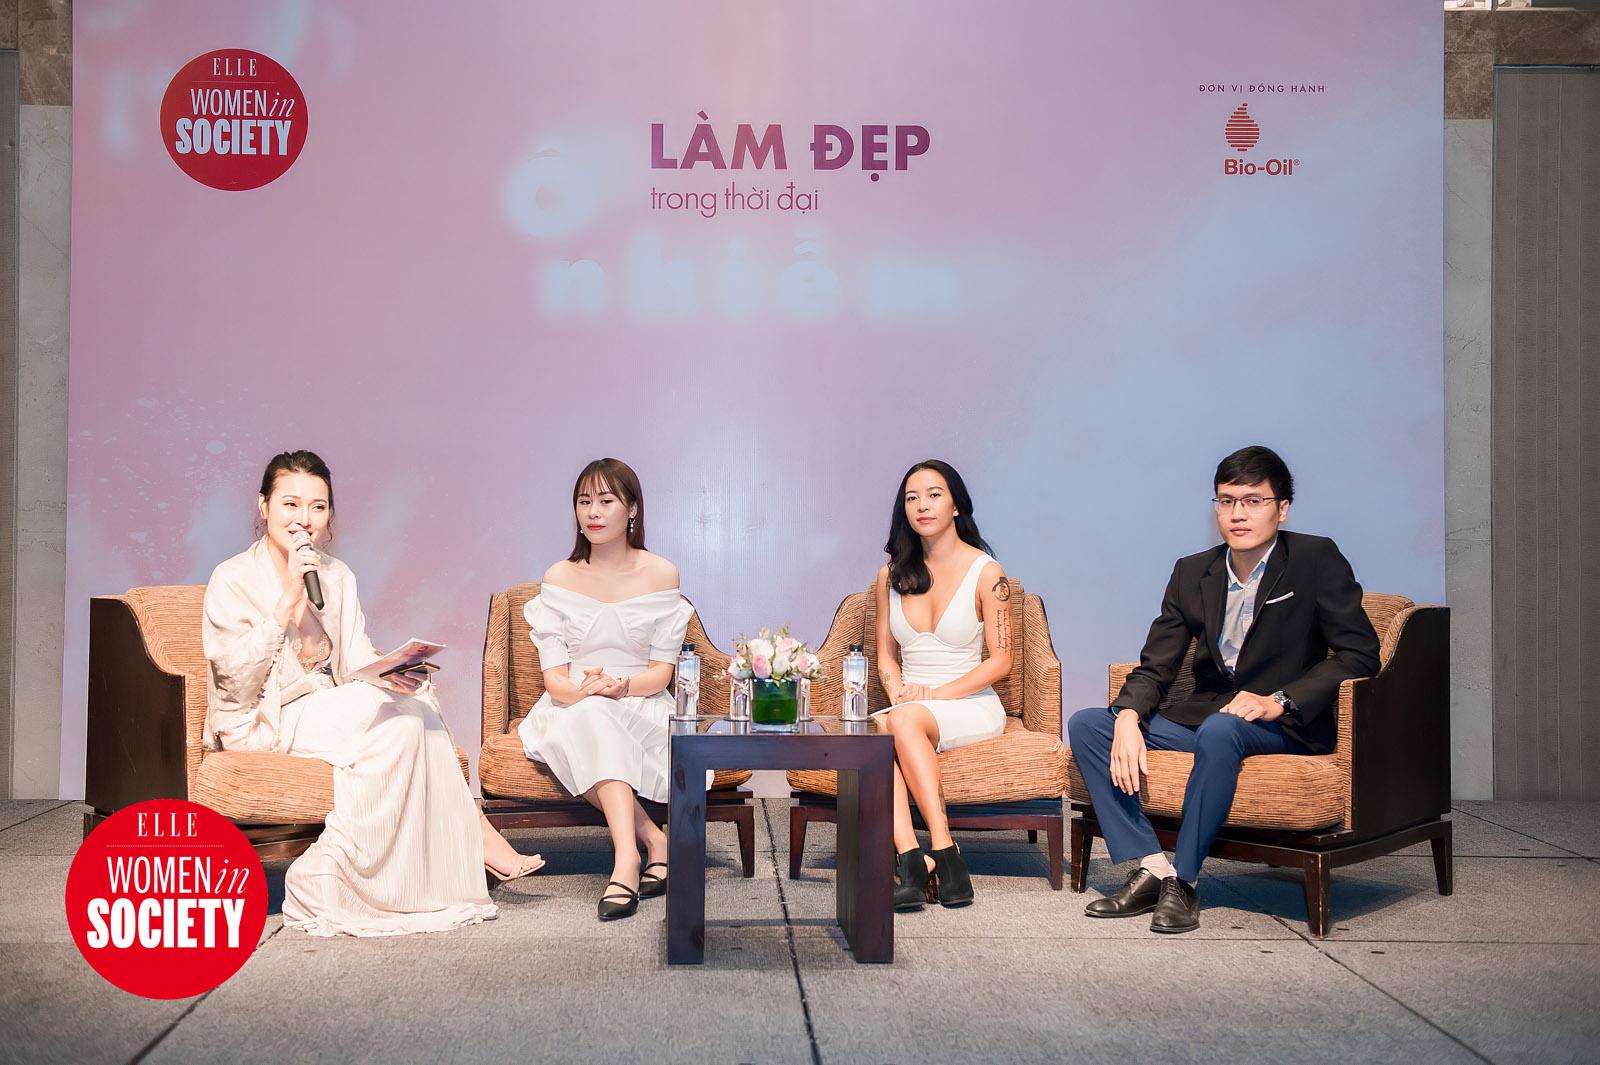 khách mời chia sẻ trong sự kiện elle women in society